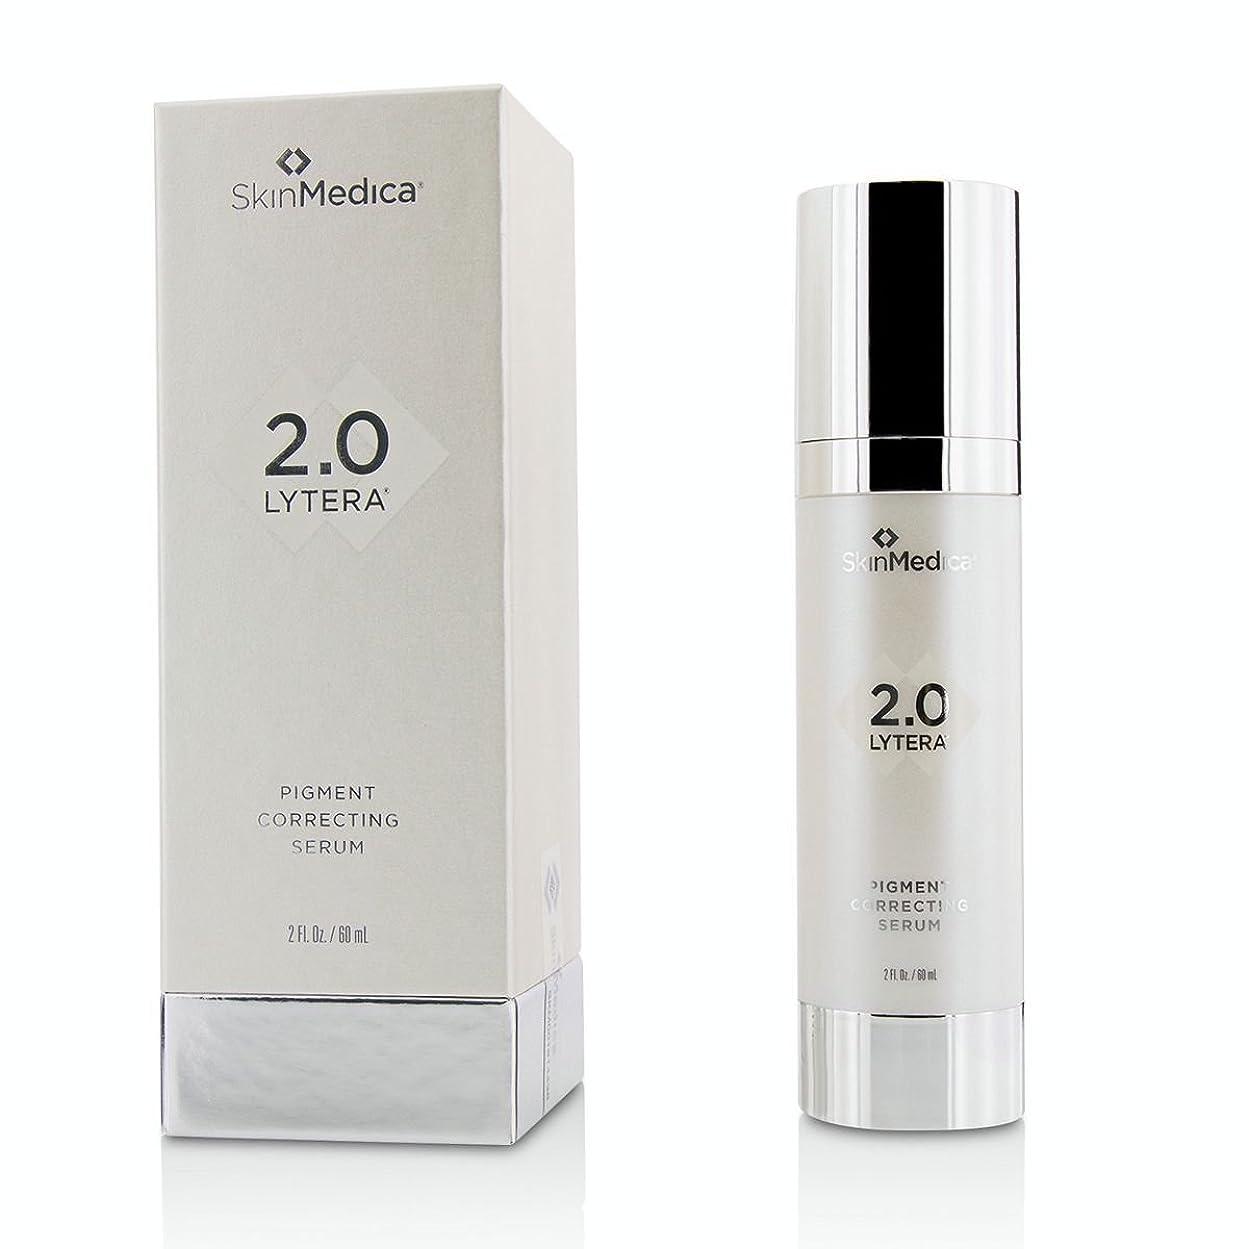 グレー慢方法[Skin Medica(スキンメディカ)] Lytera 2.0顔料修正セラム 60ml/2oz